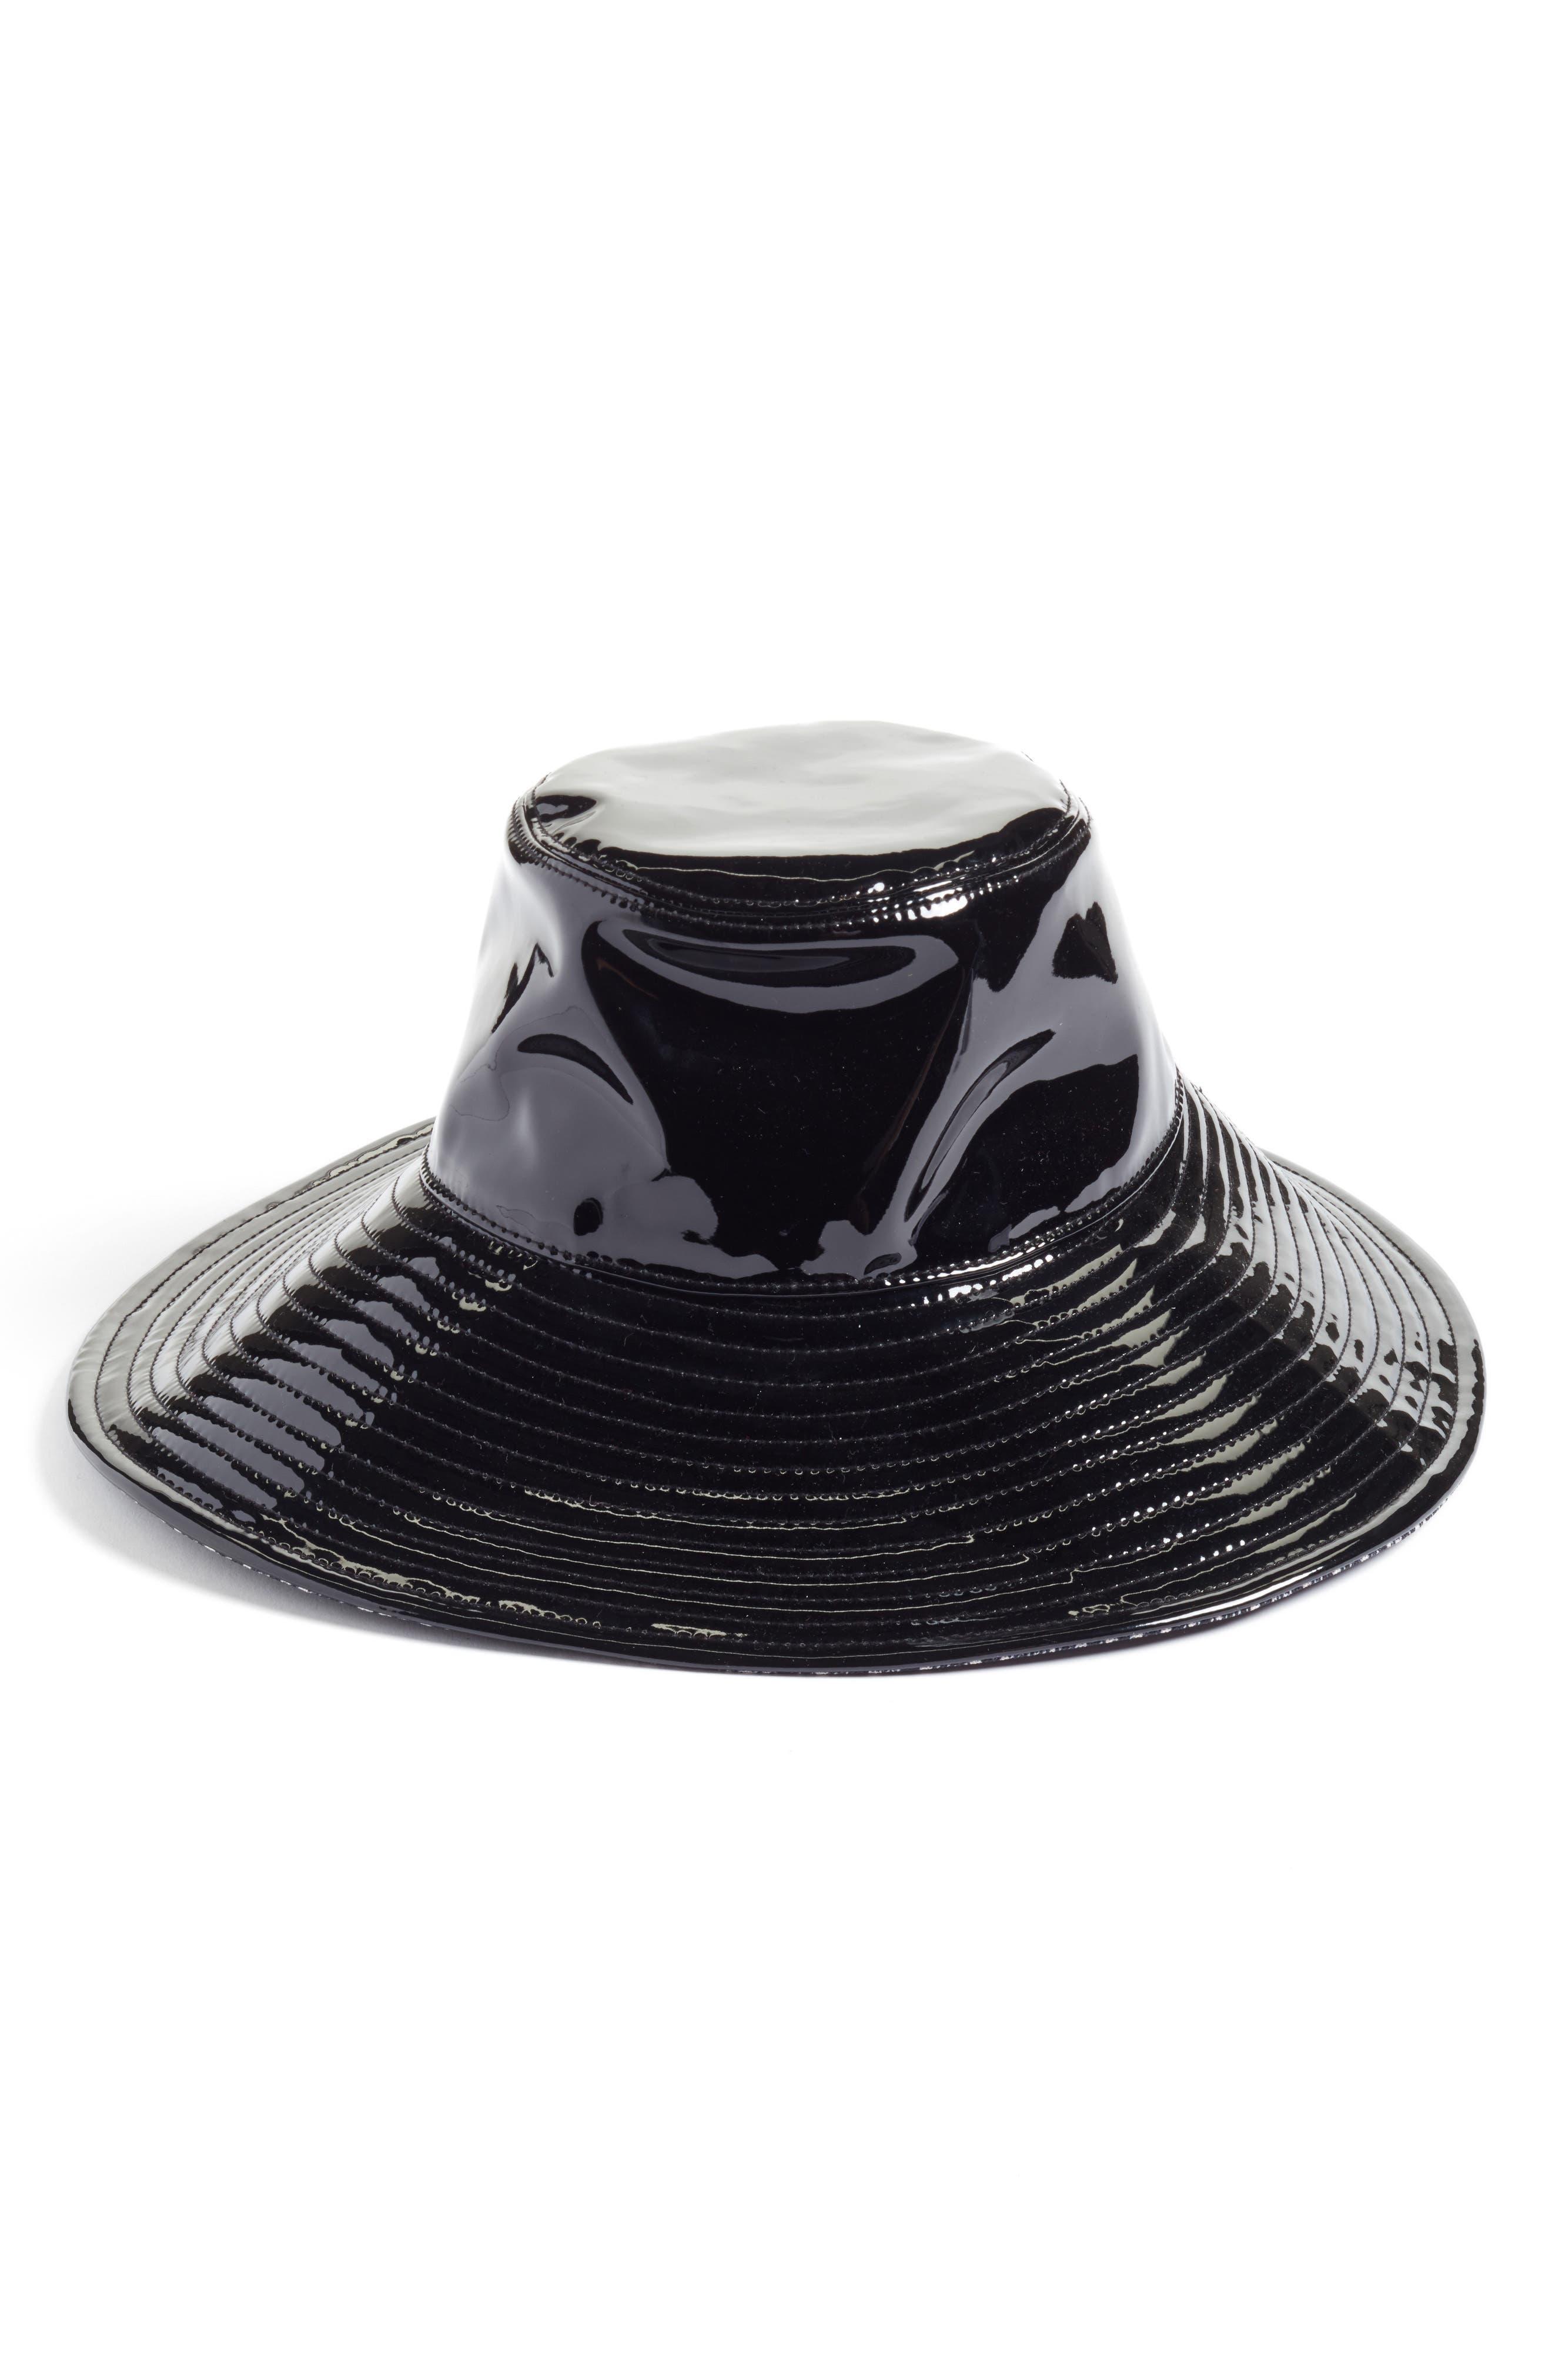 Main Image - Eric Javits Driptidoo Patent Bucket Rain Hat